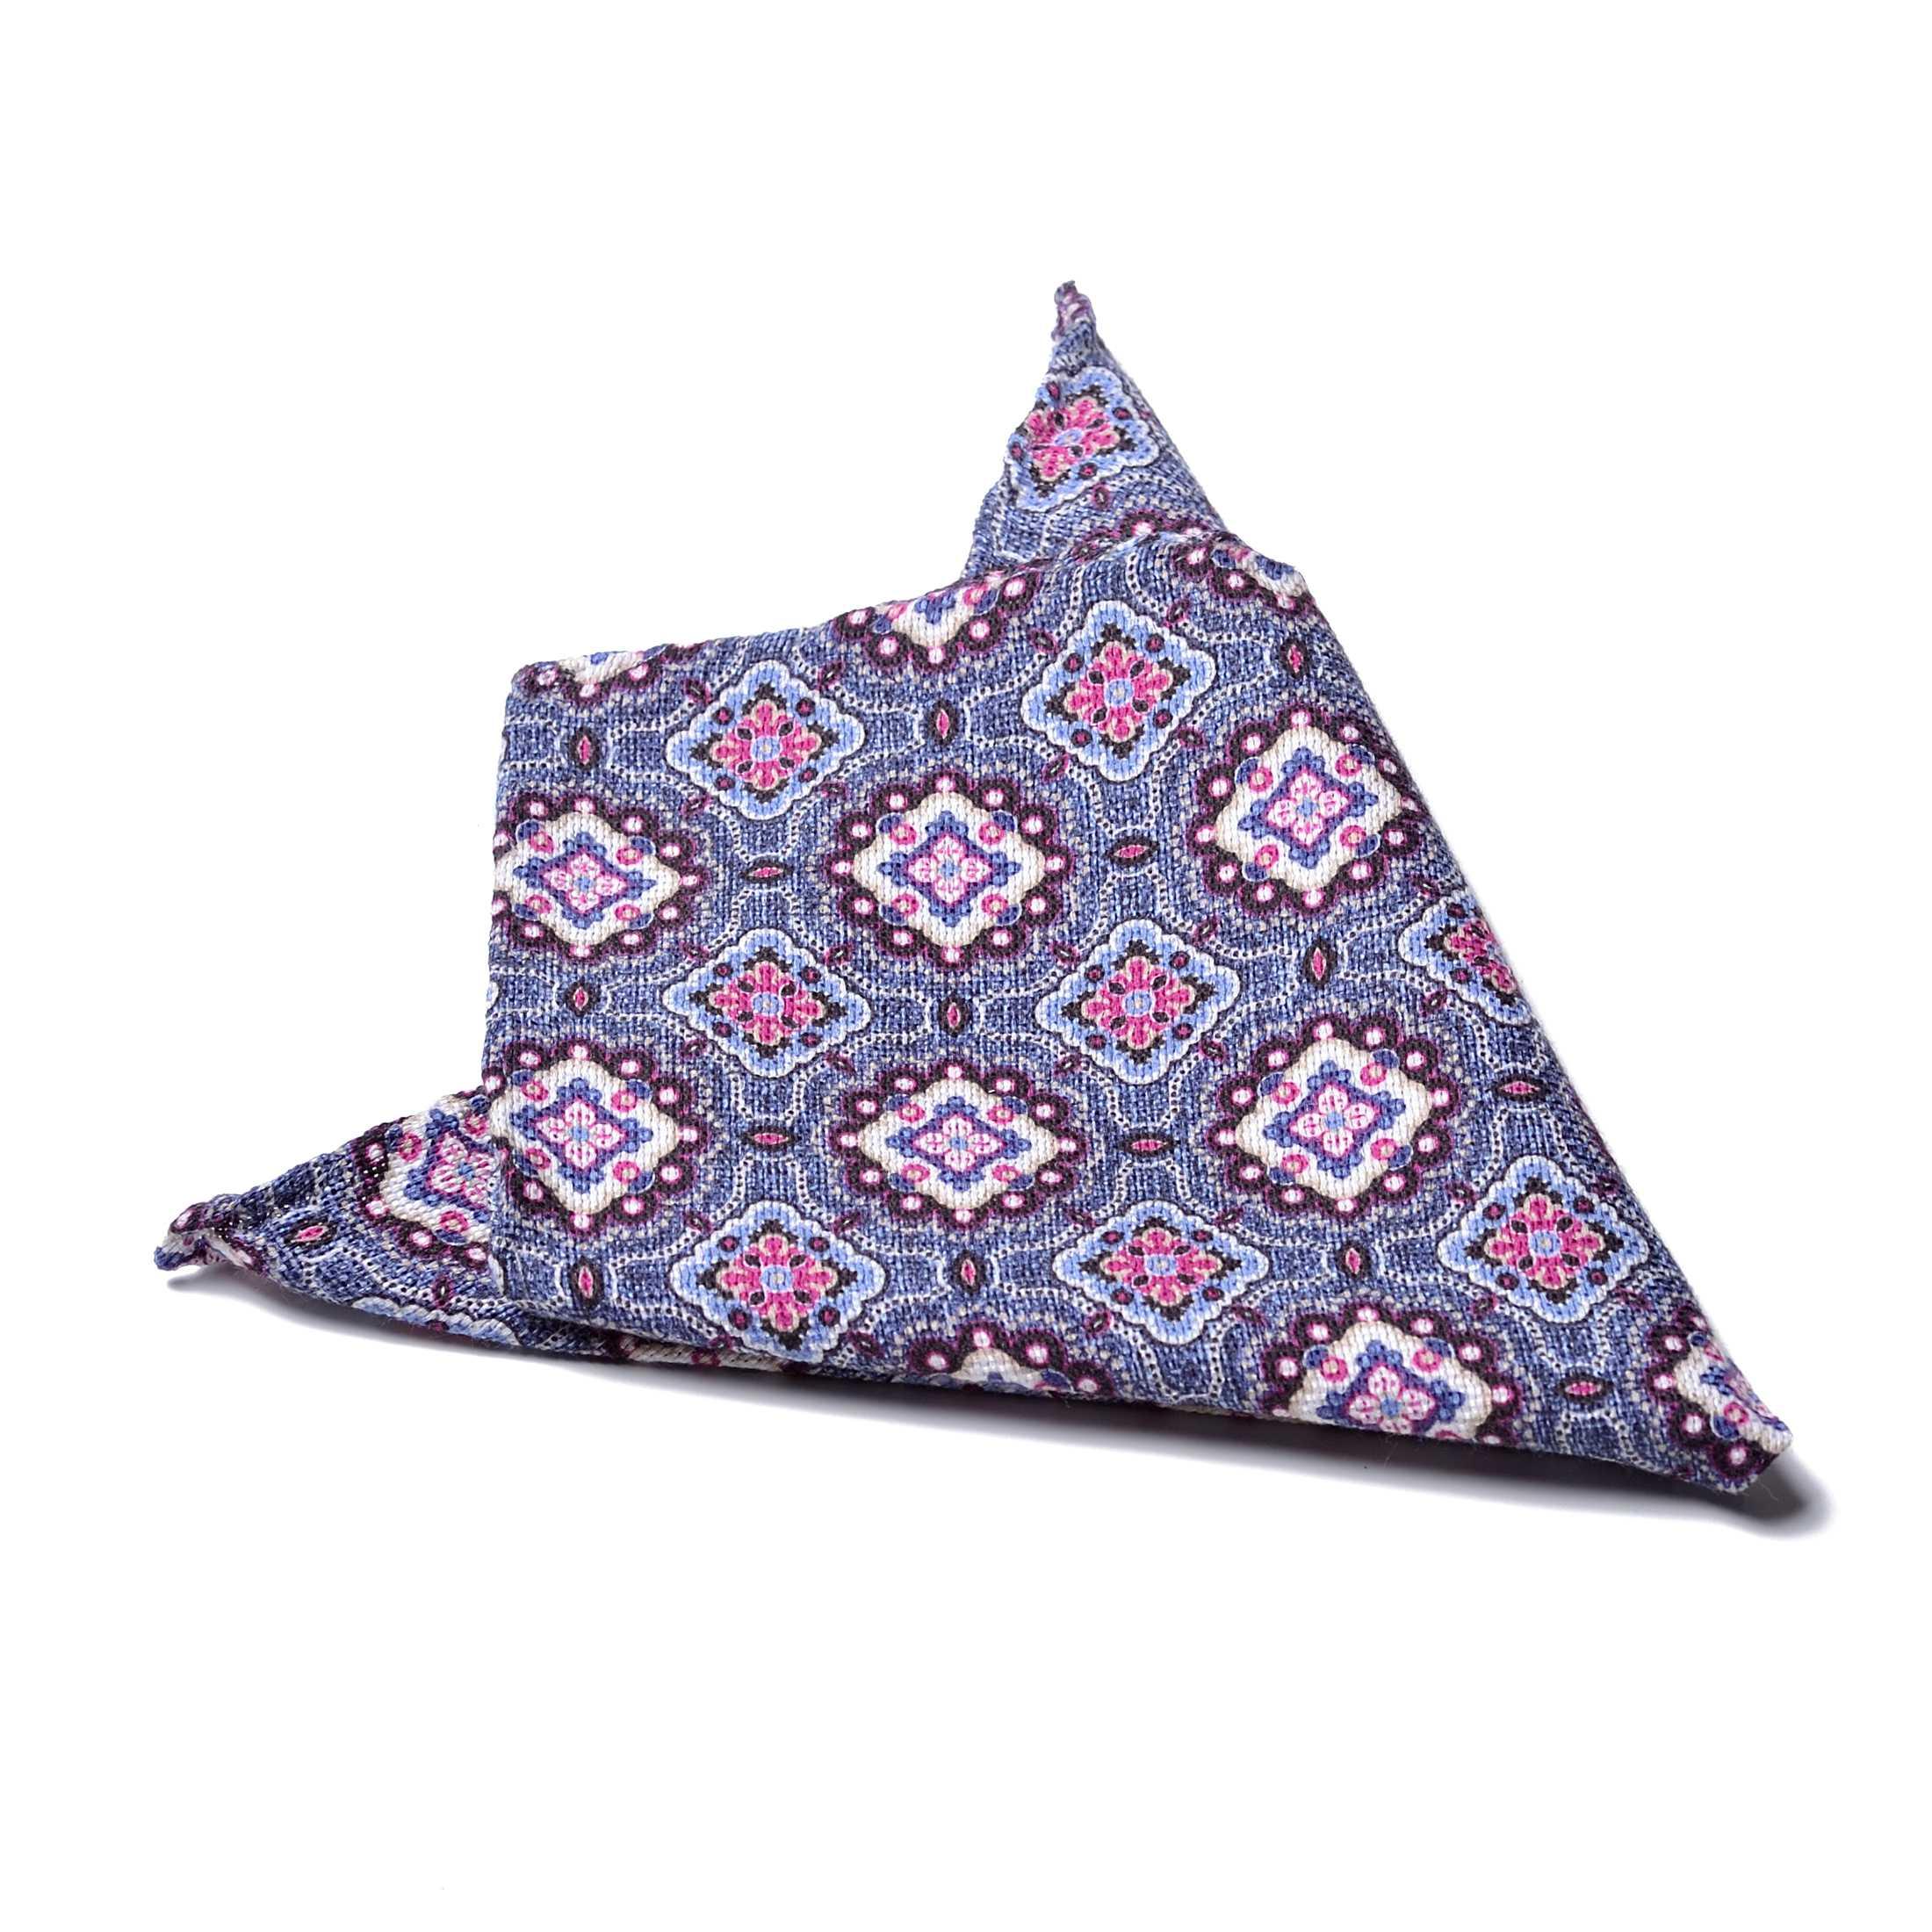 Платок нагрудный в карман сине-голубой в розово-белый цветочный орнамент (хлопок,шелк)